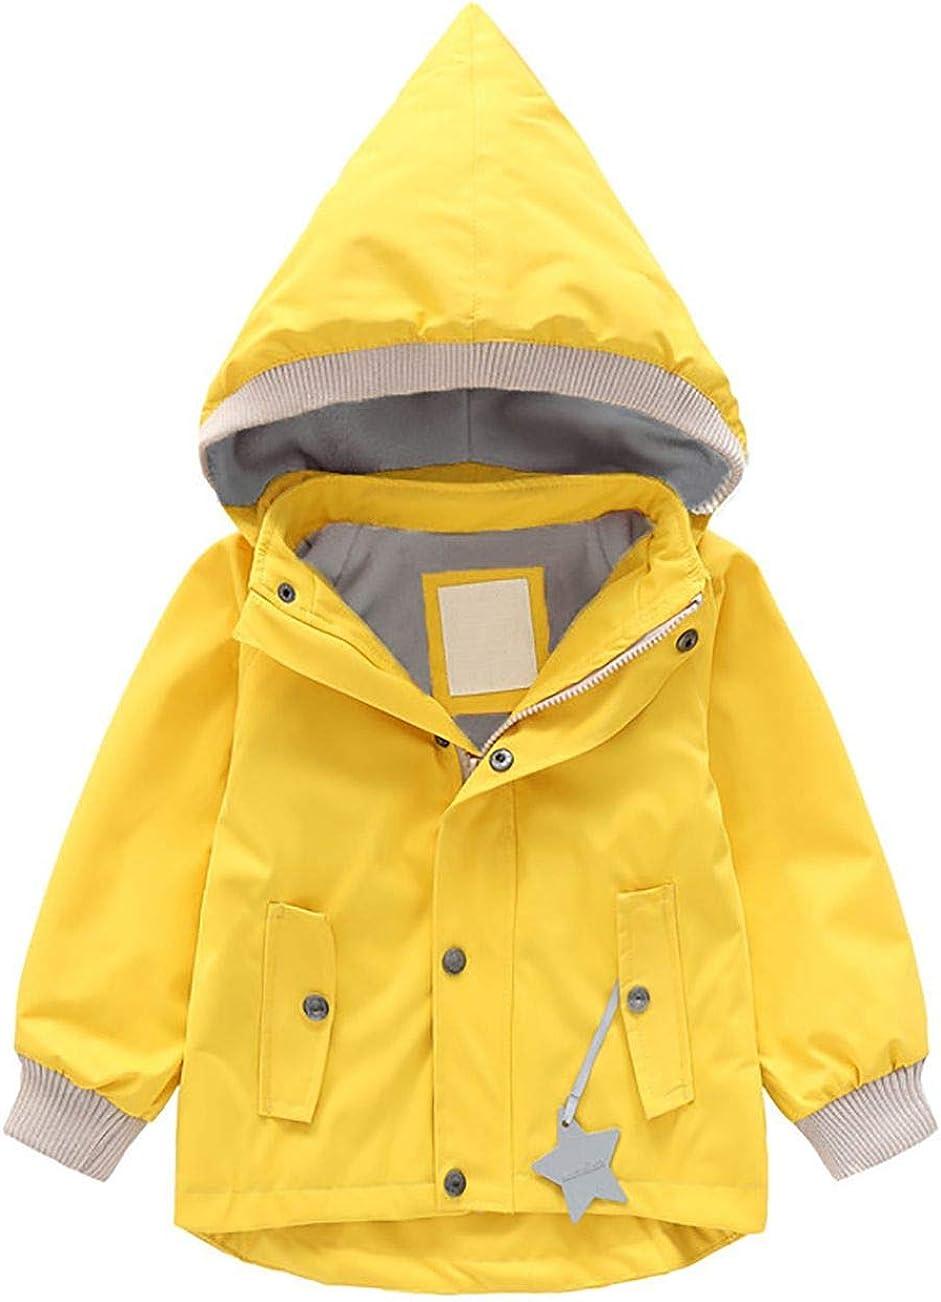 primavera escursionismo catarifrangenti impermeabile Echinodon autunno antivento per bambini giacca con cappuccio da bambina